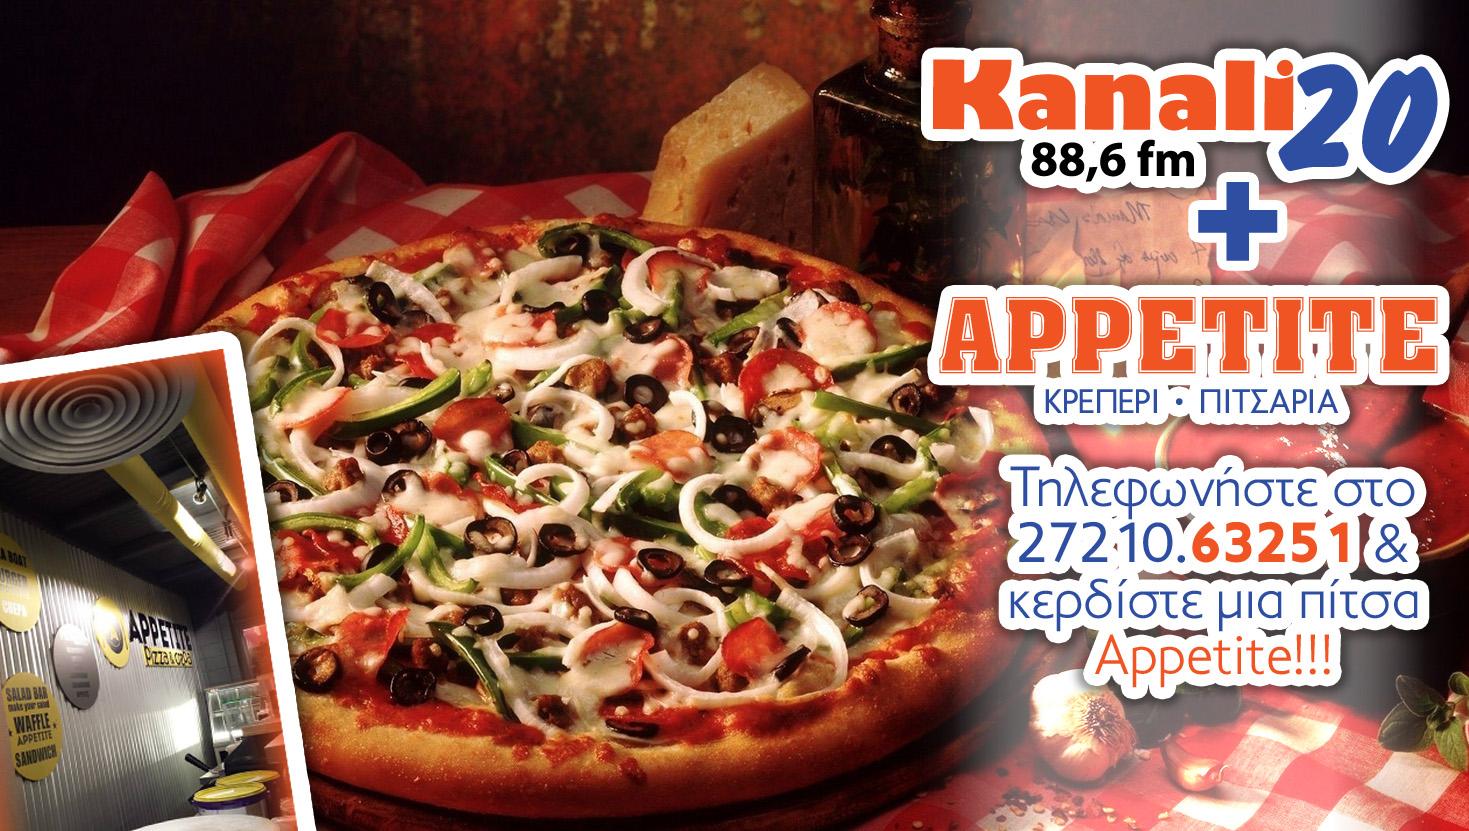 appetite-k20